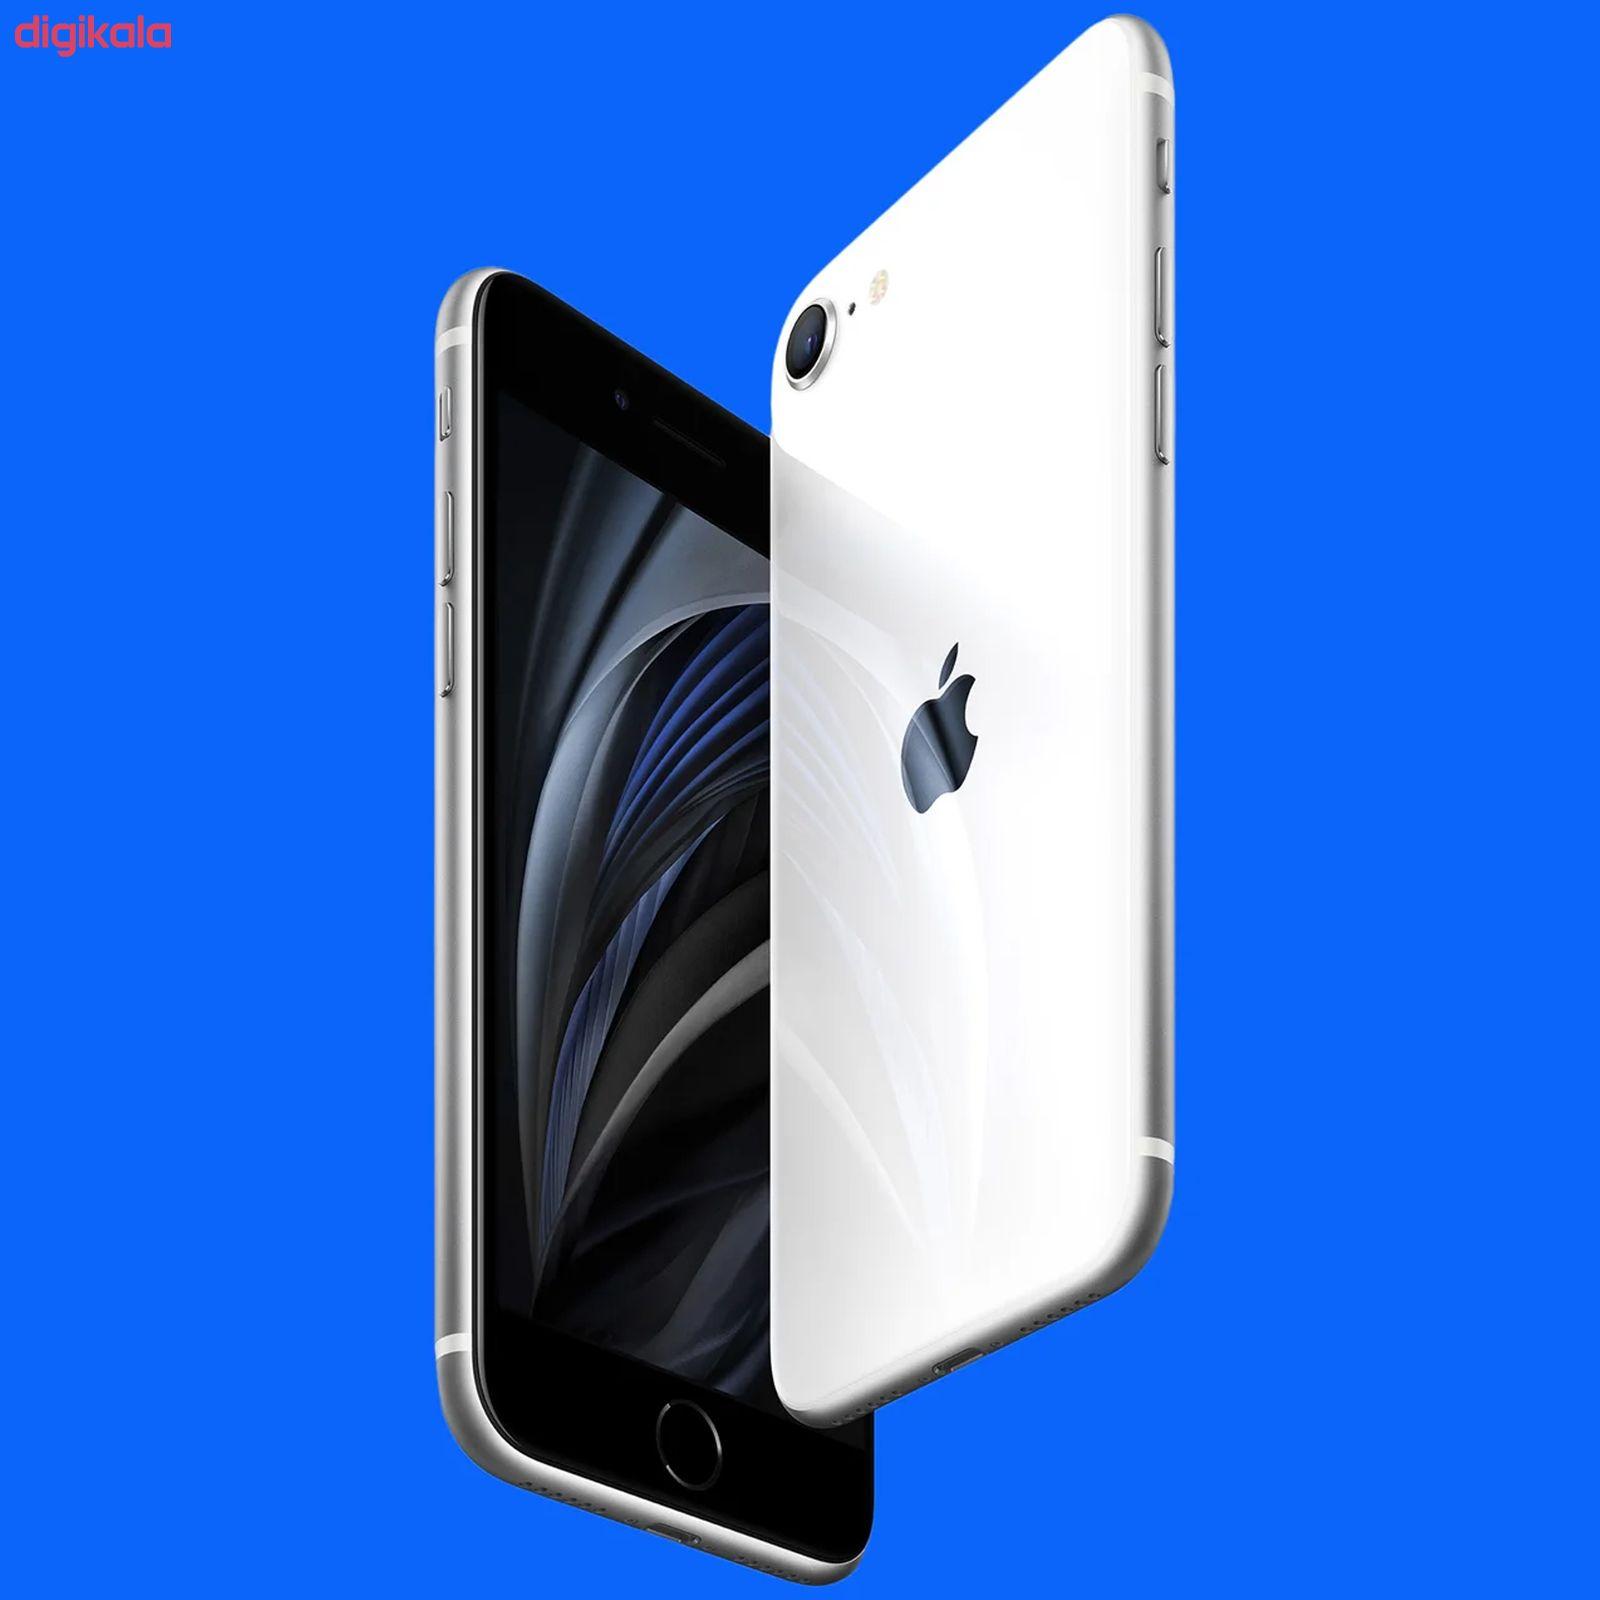 گوشی موبایل اپل مدل  iPhone SE 2020 A2275 ظرفیت 128 گیگابایت main 1 5